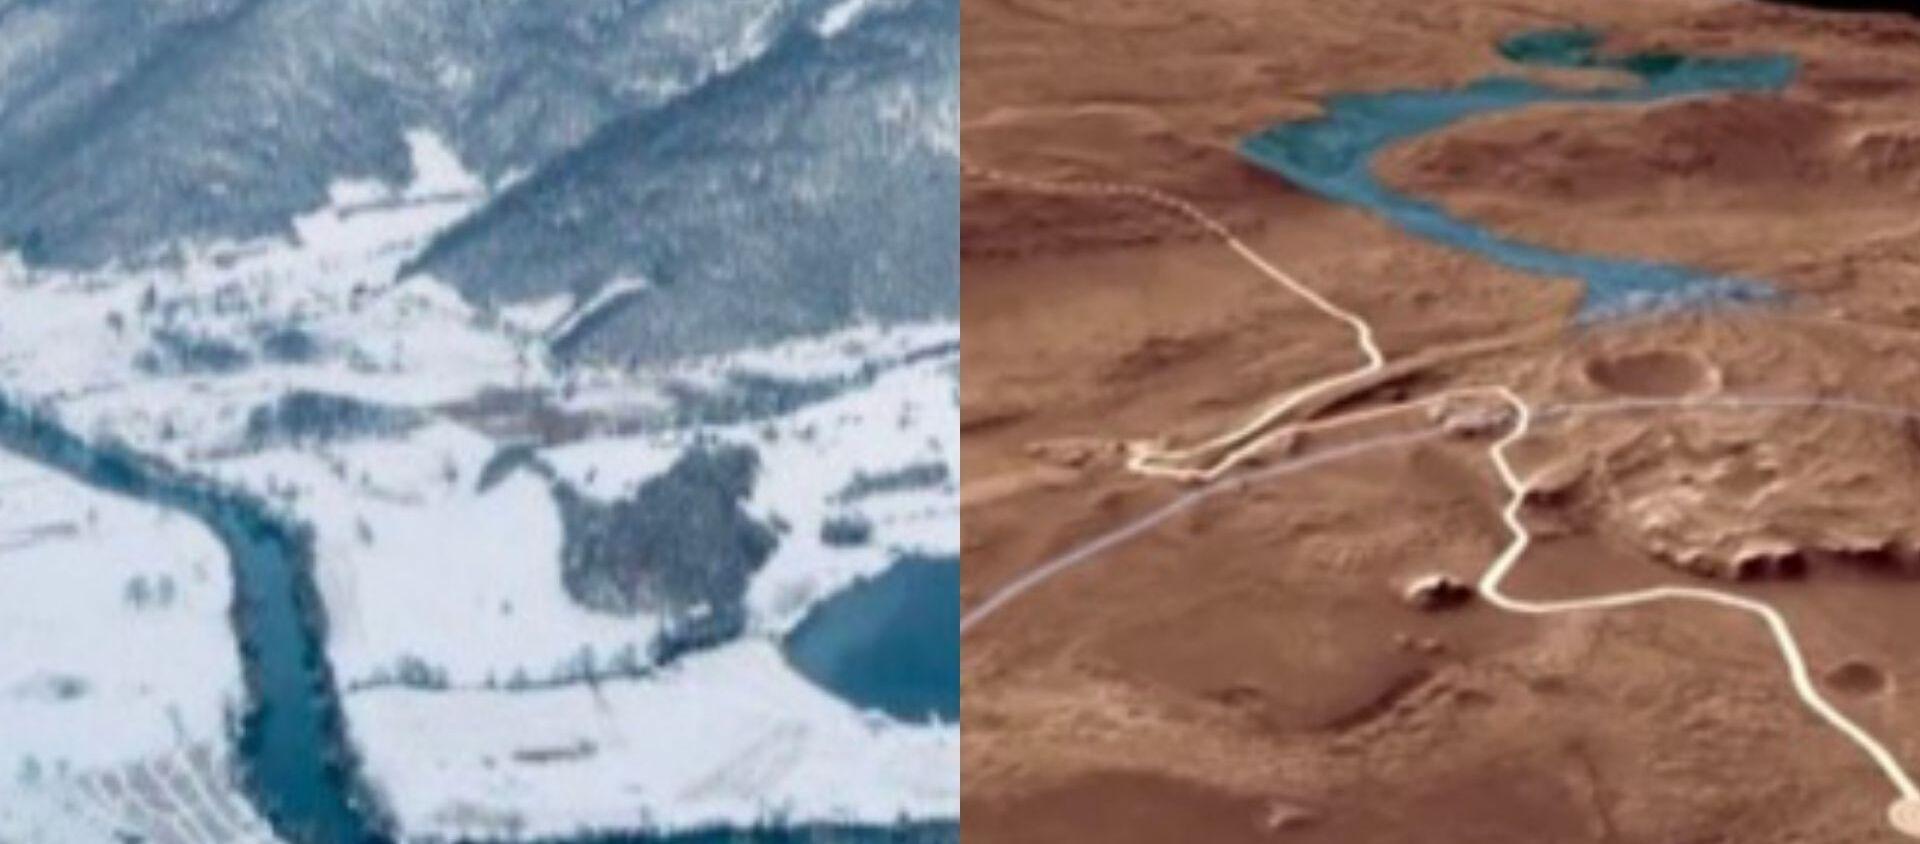 Сличност је запањујућа - Језеру у Републици Српској и Језеро на Марсу - Sputnik Србија, 1920, 24.02.2021